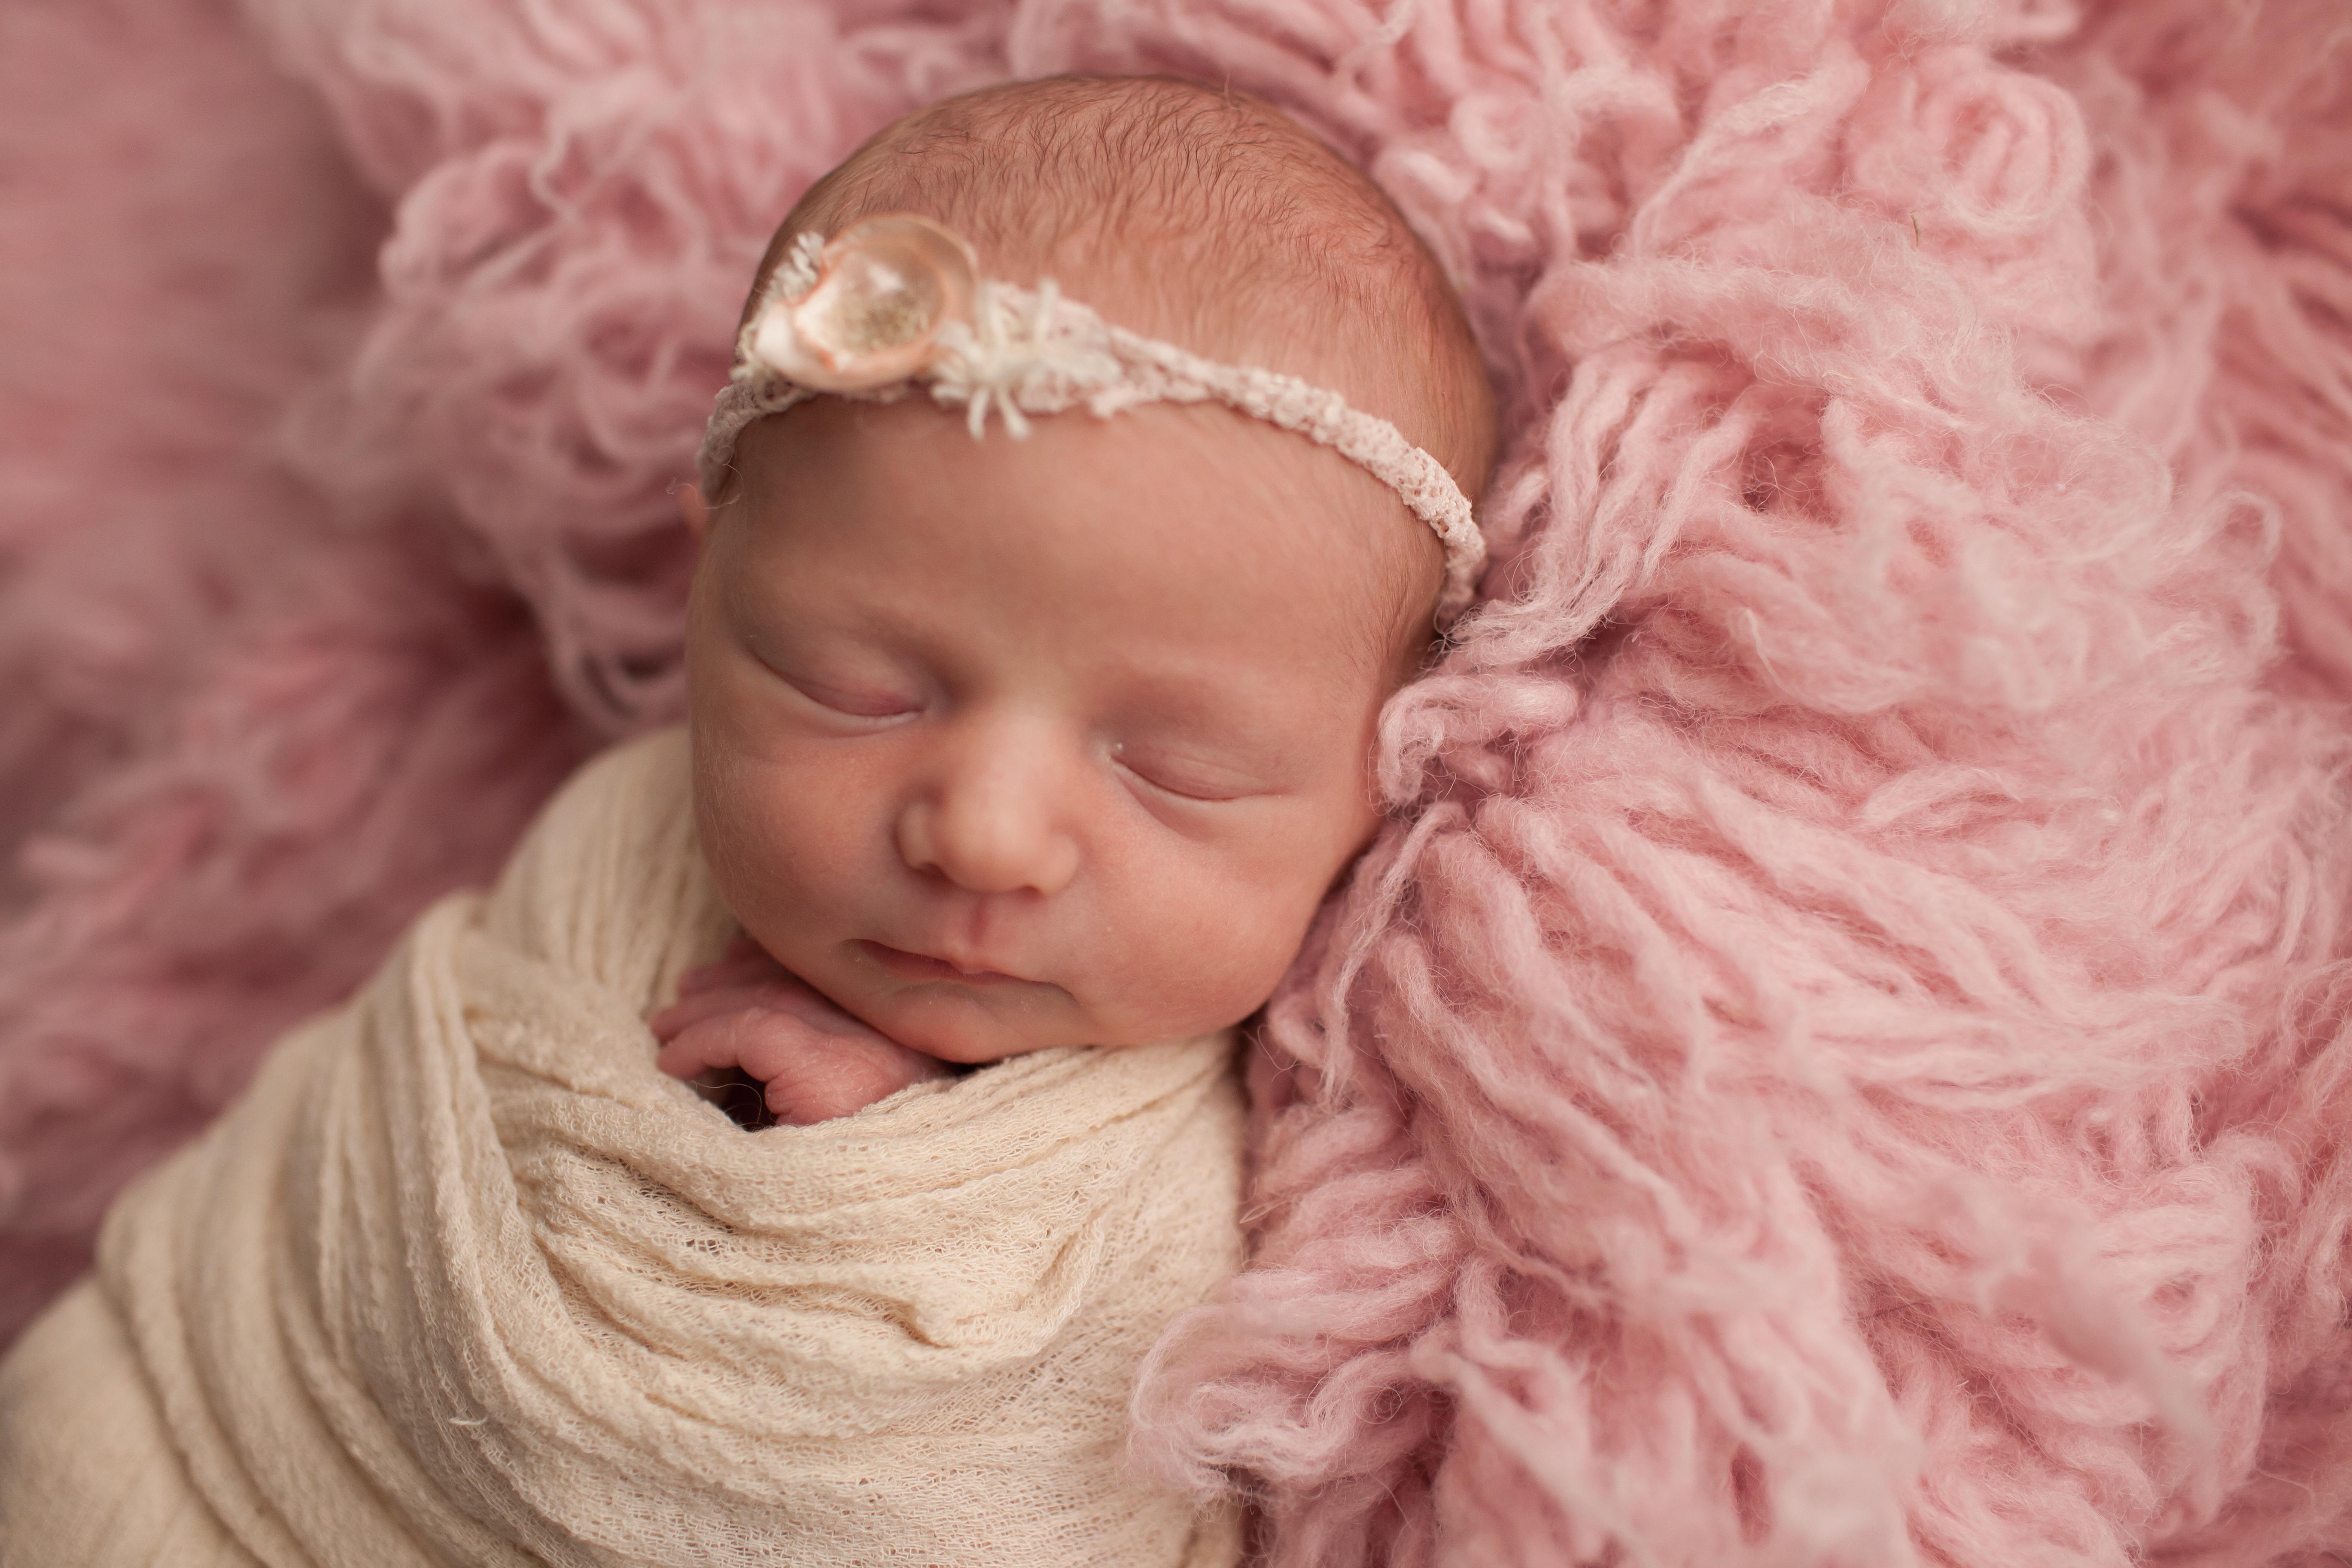 Newborn Images (40 of 90)